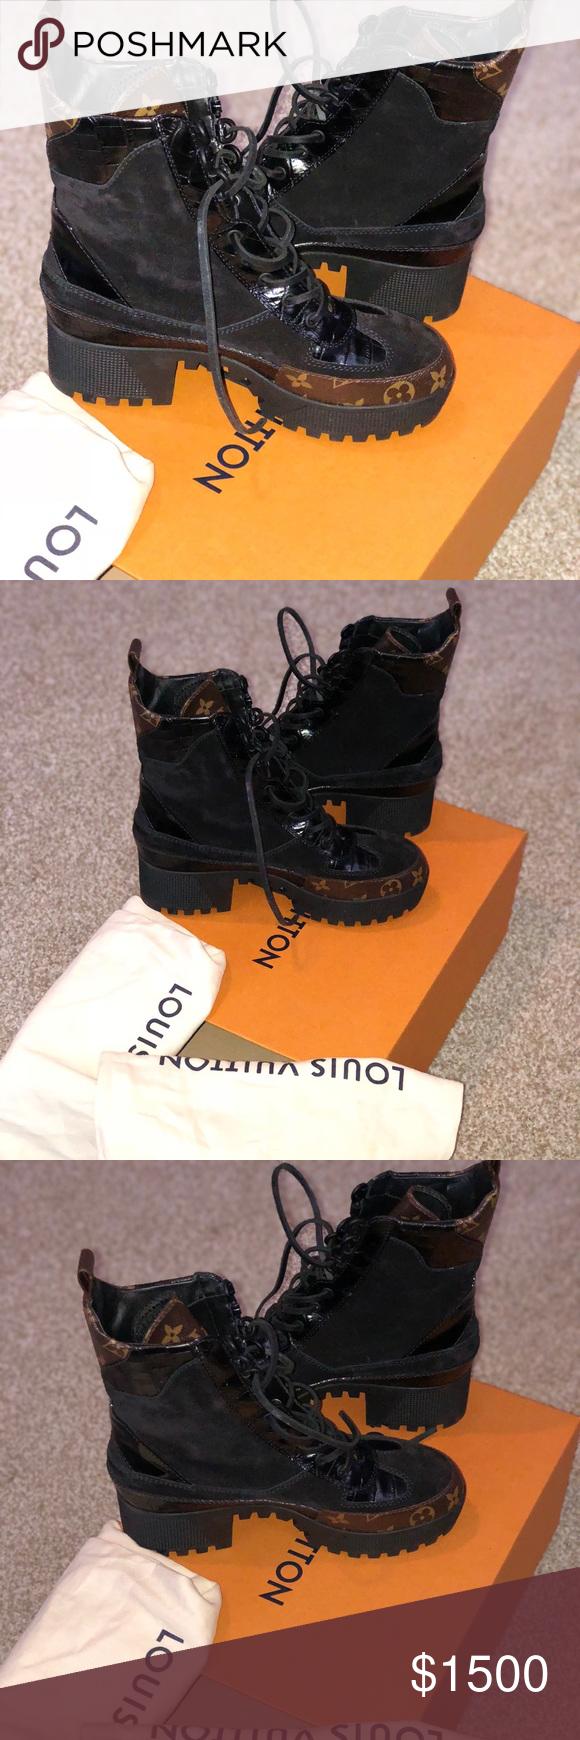 53d8433b5e79 Louis Vuitton Black and Brown Laureate Desert Boot Women s Louis Vuitton  Black and Brown Laureate Platform Desert Boots Size 39 Louis Vuitton Shoes  Combat ...